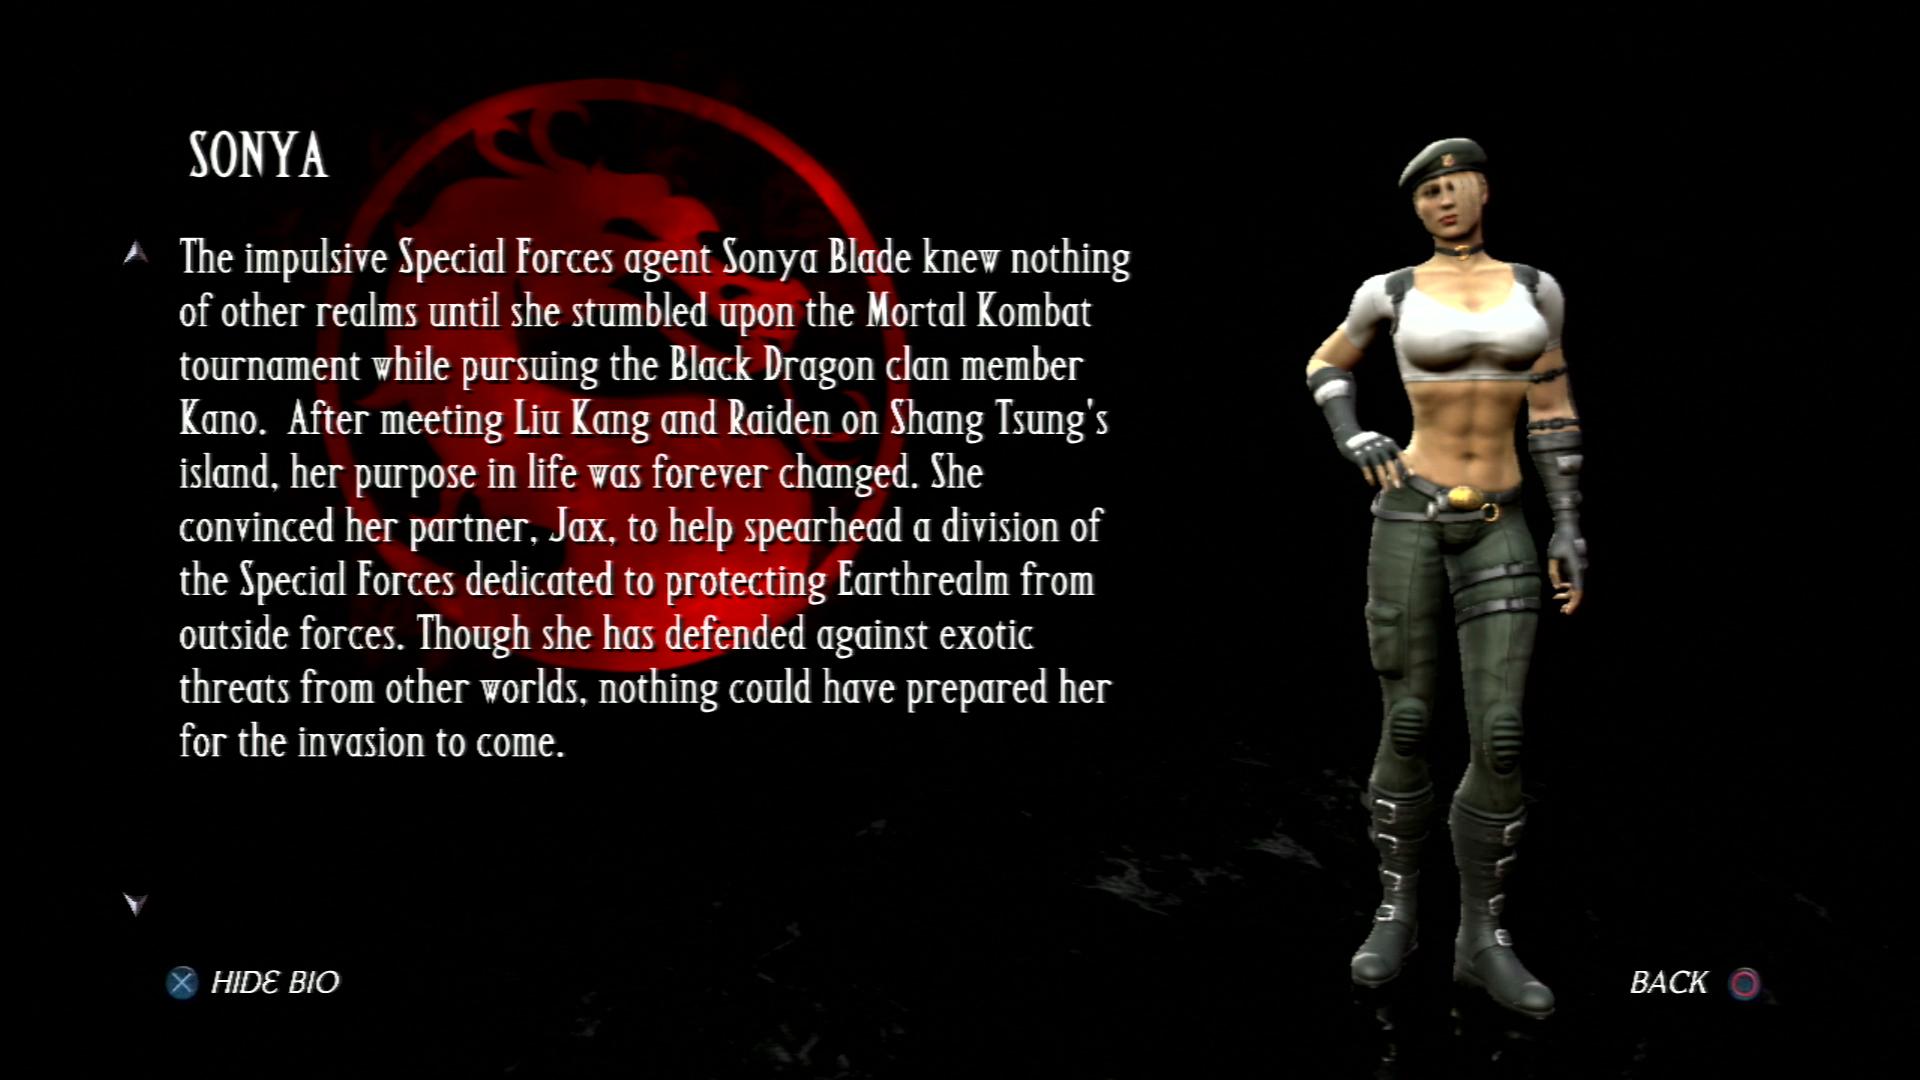 Соня Блейд - Mortal Kombat vs. DC Universe Персонаж